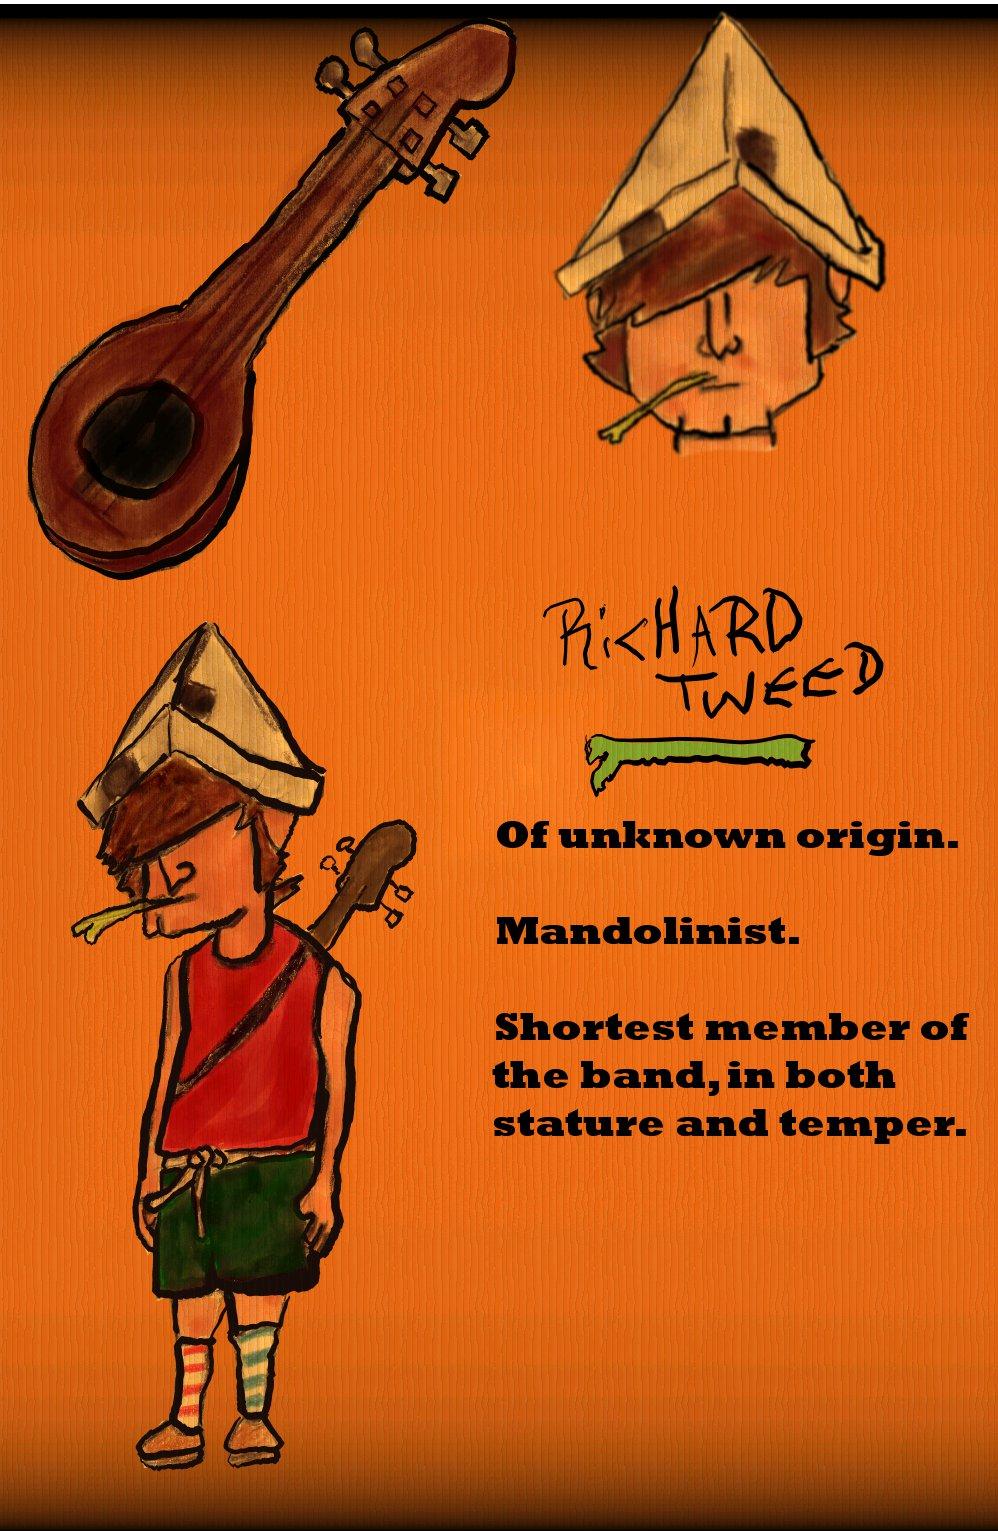 Richard Tweed